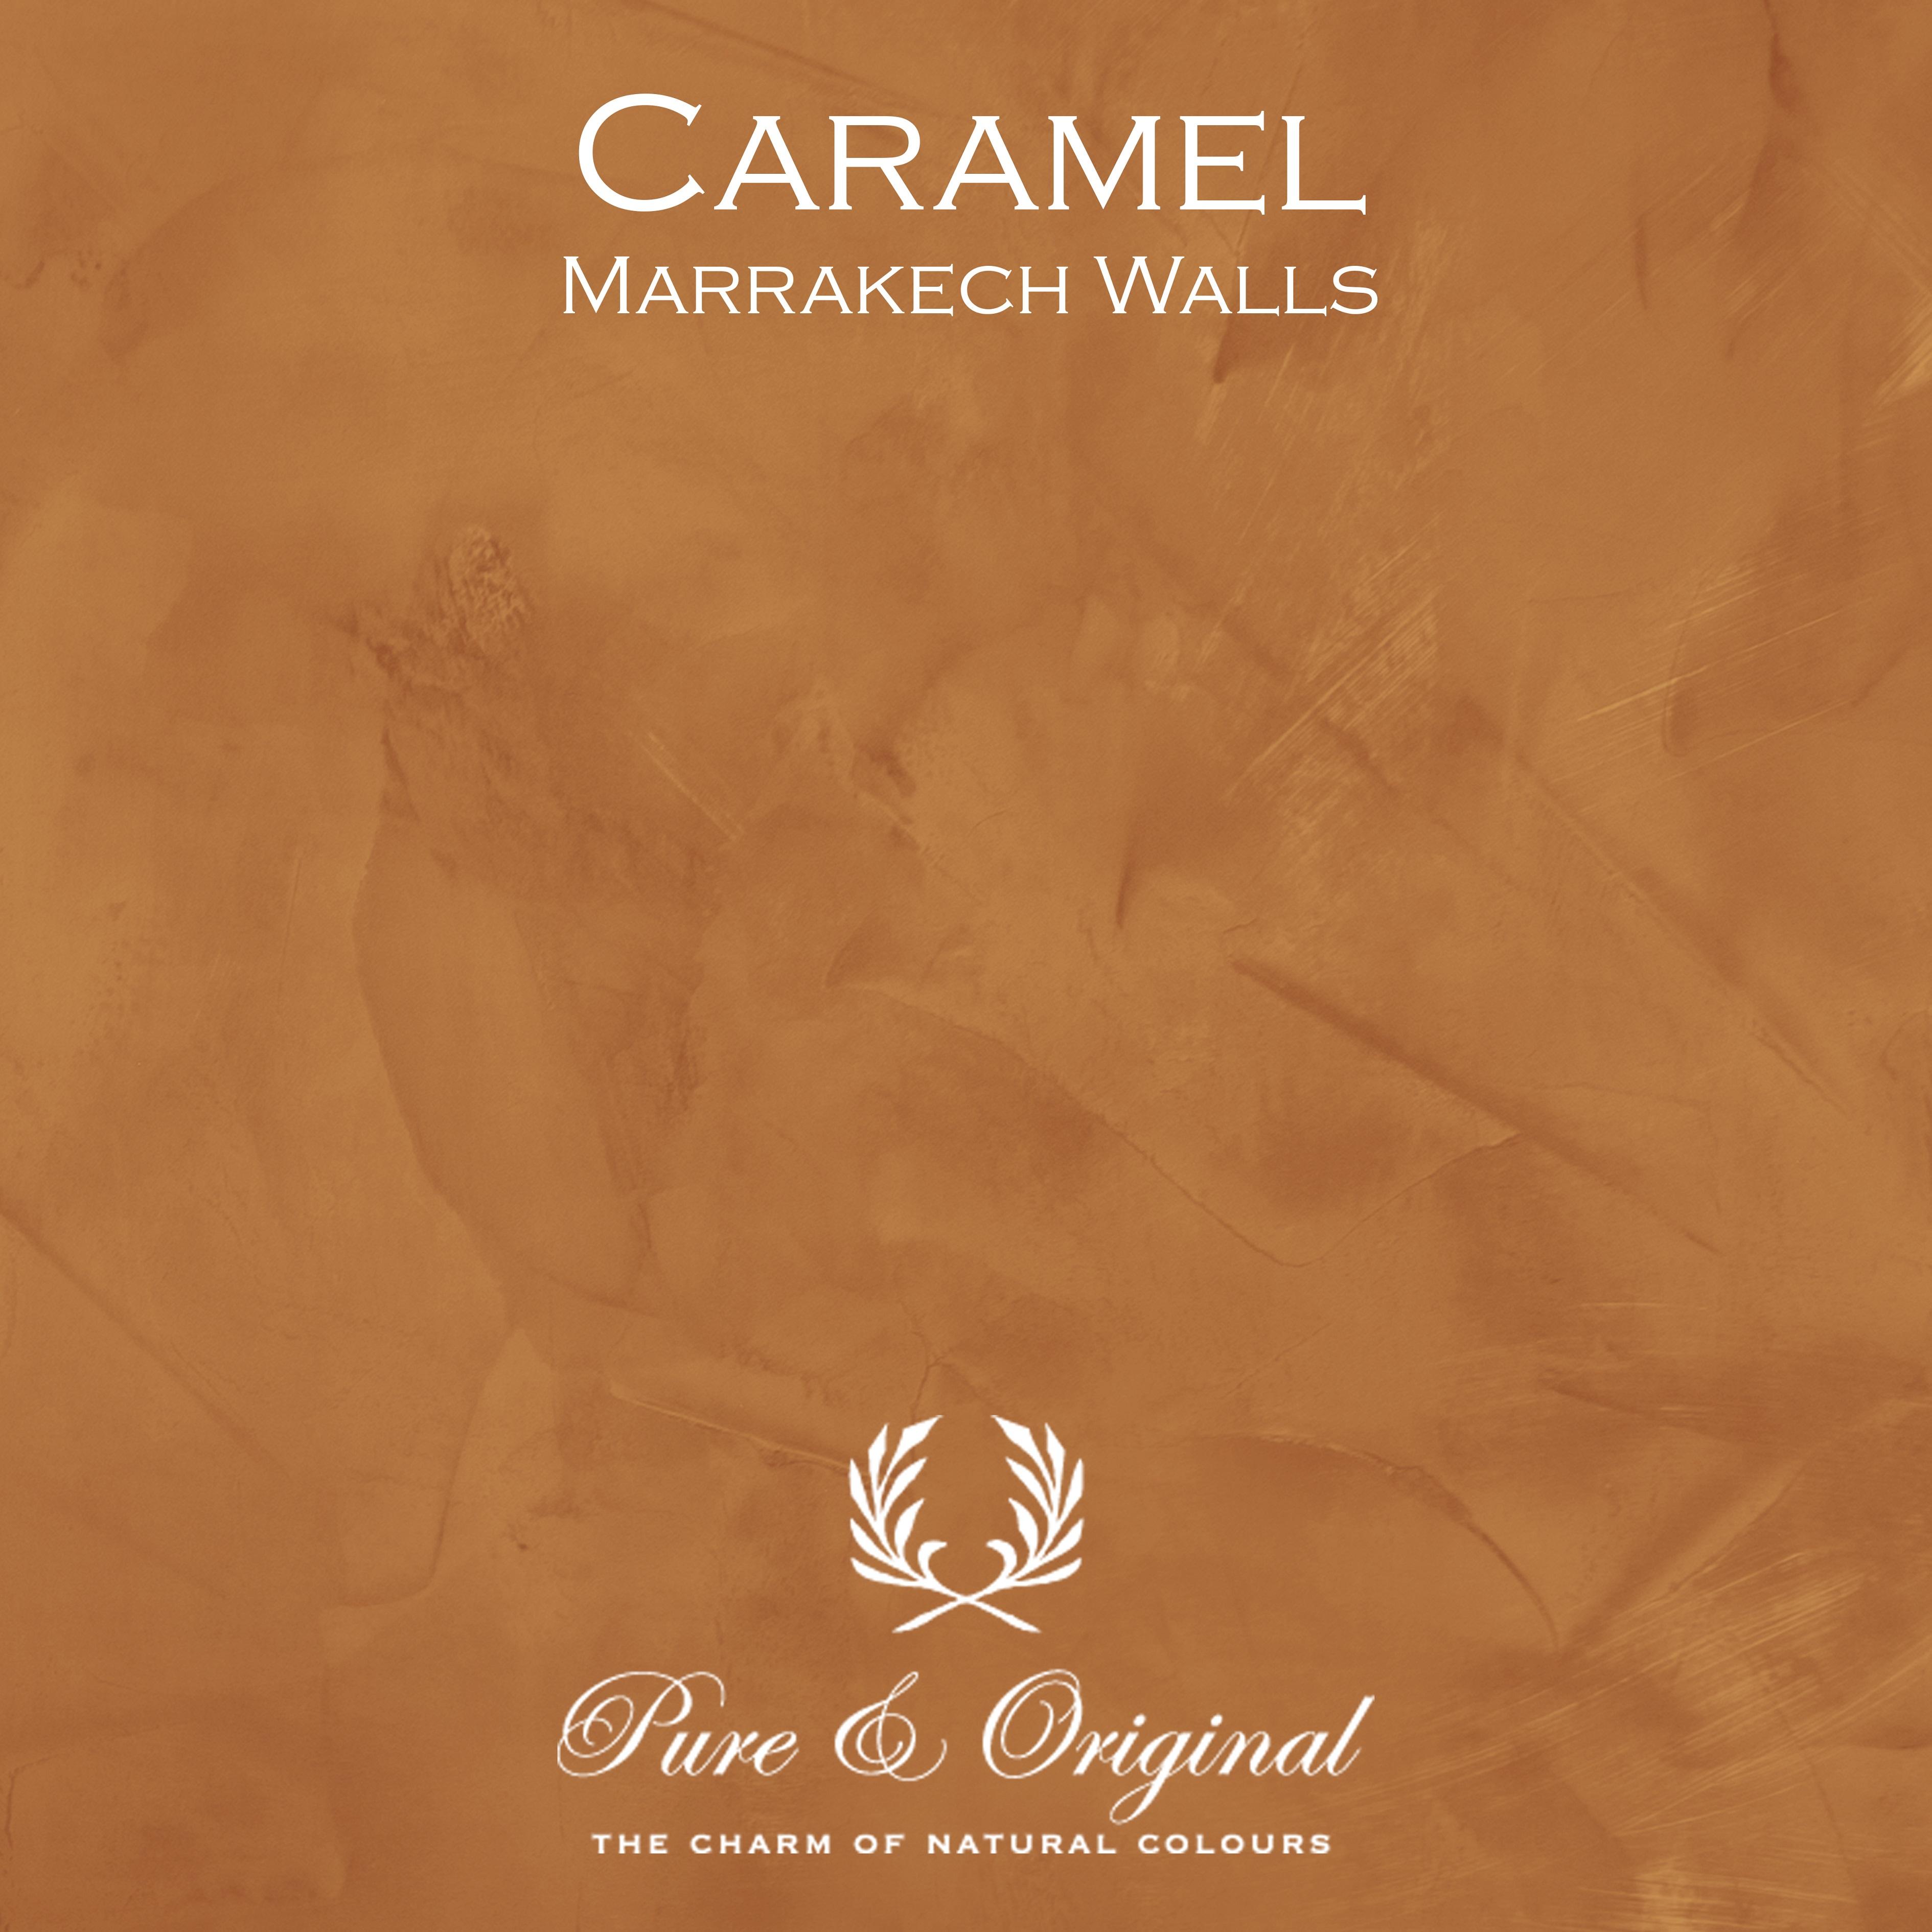 Kulör Caramel, Marrakech Walls kalkfärg